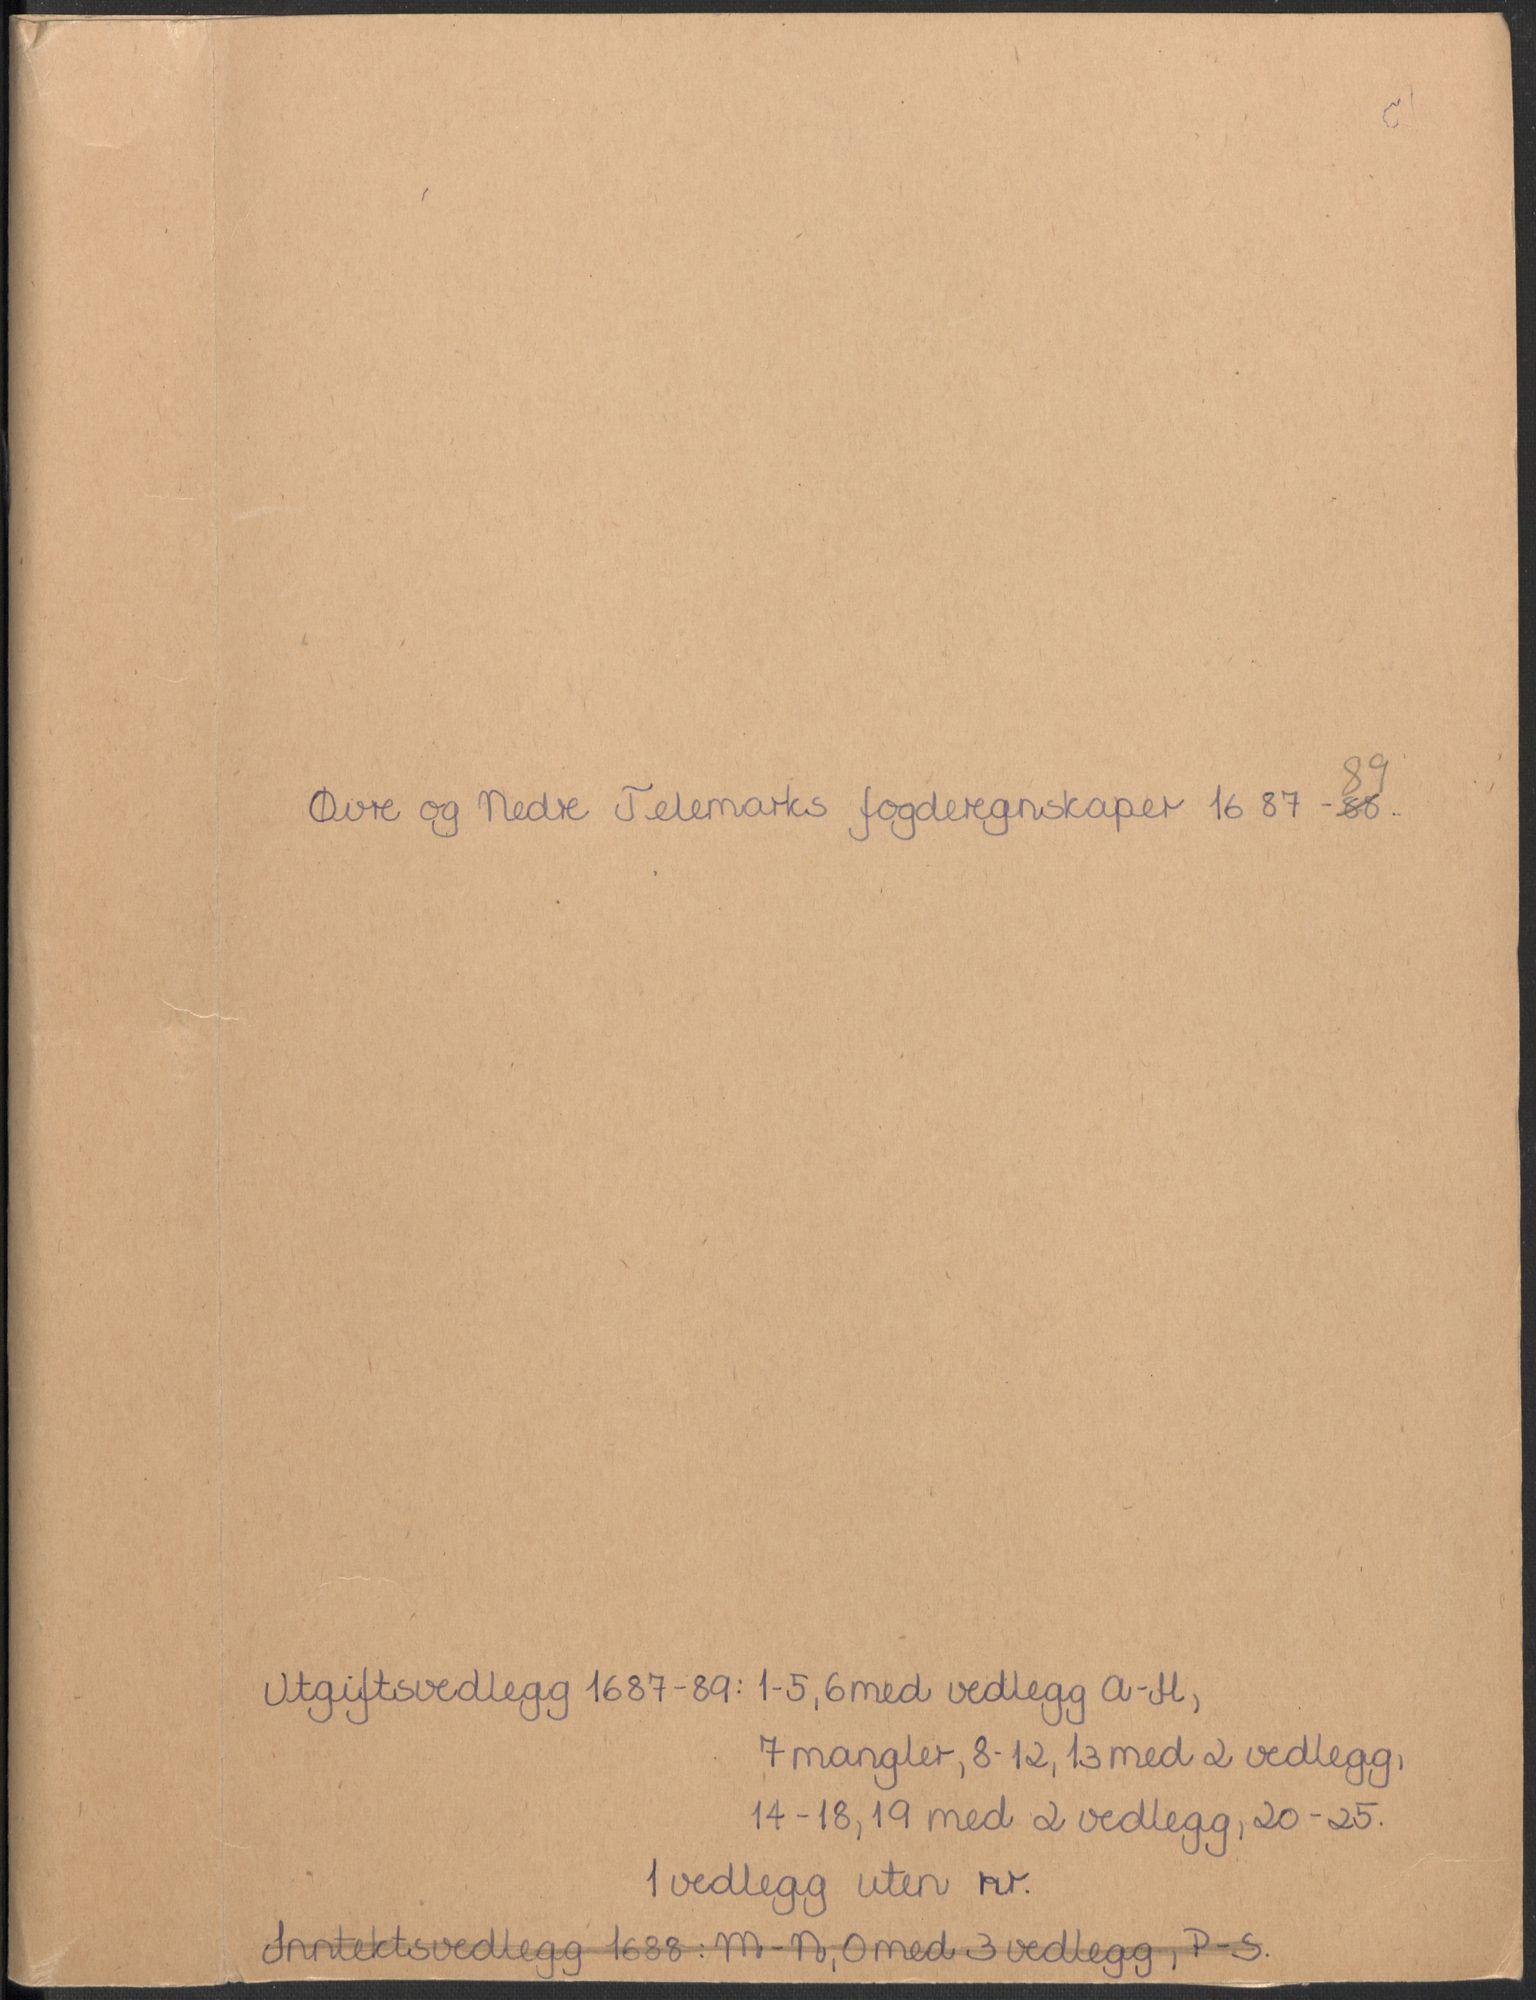 RA, Rentekammeret inntil 1814, Reviderte regnskaper, Fogderegnskap, R35/L2088: Fogderegnskap Øvre og Nedre Telemark, 1687-1689, s. 225